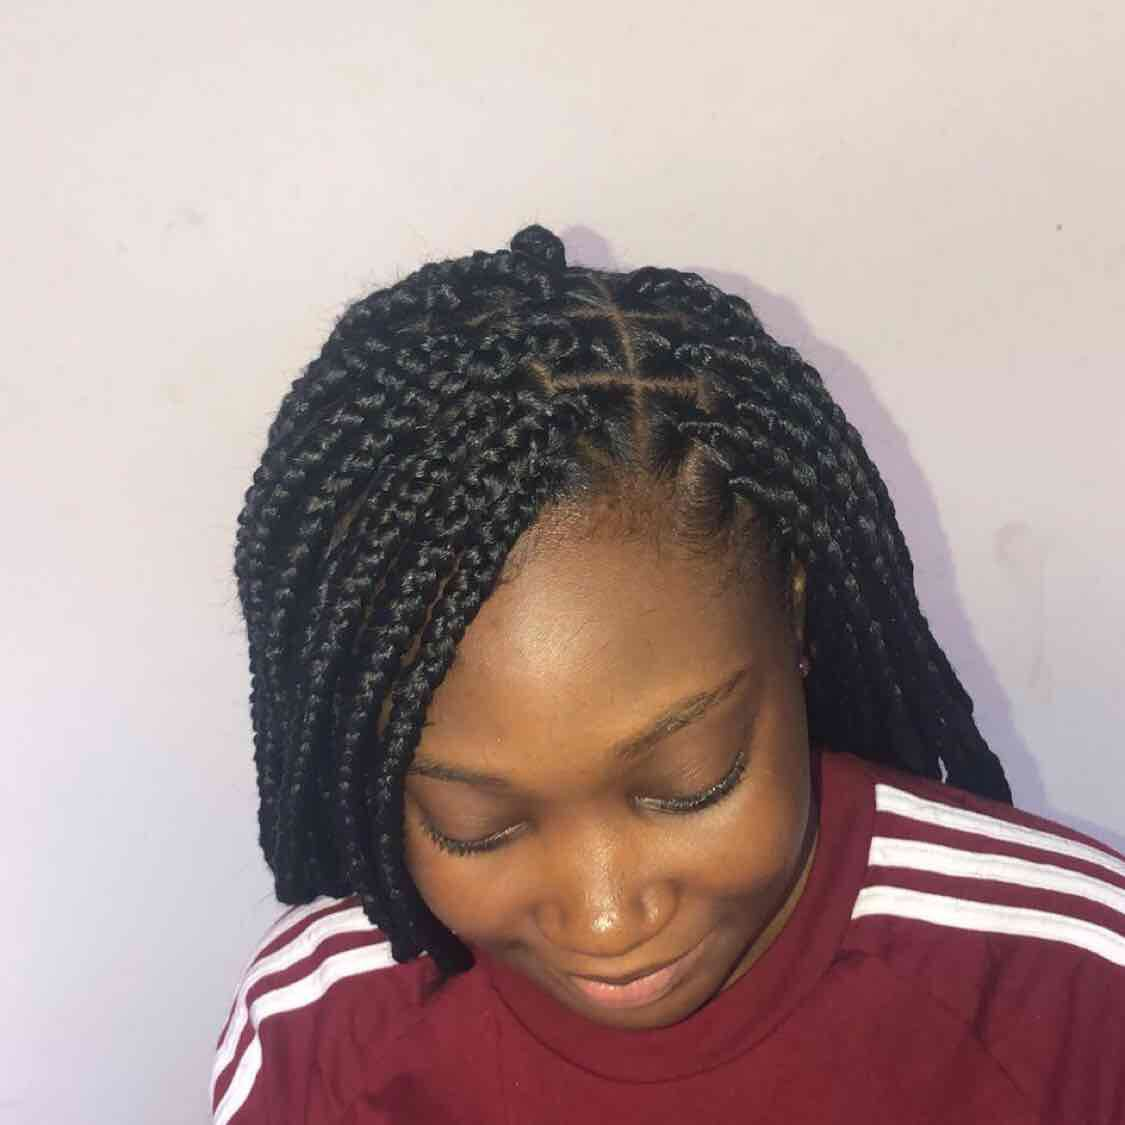 salon de coiffure afro tresse tresses box braids crochet braids vanilles tissages paris 75 77 78 91 92 93 94 95 ZQMLJQEV